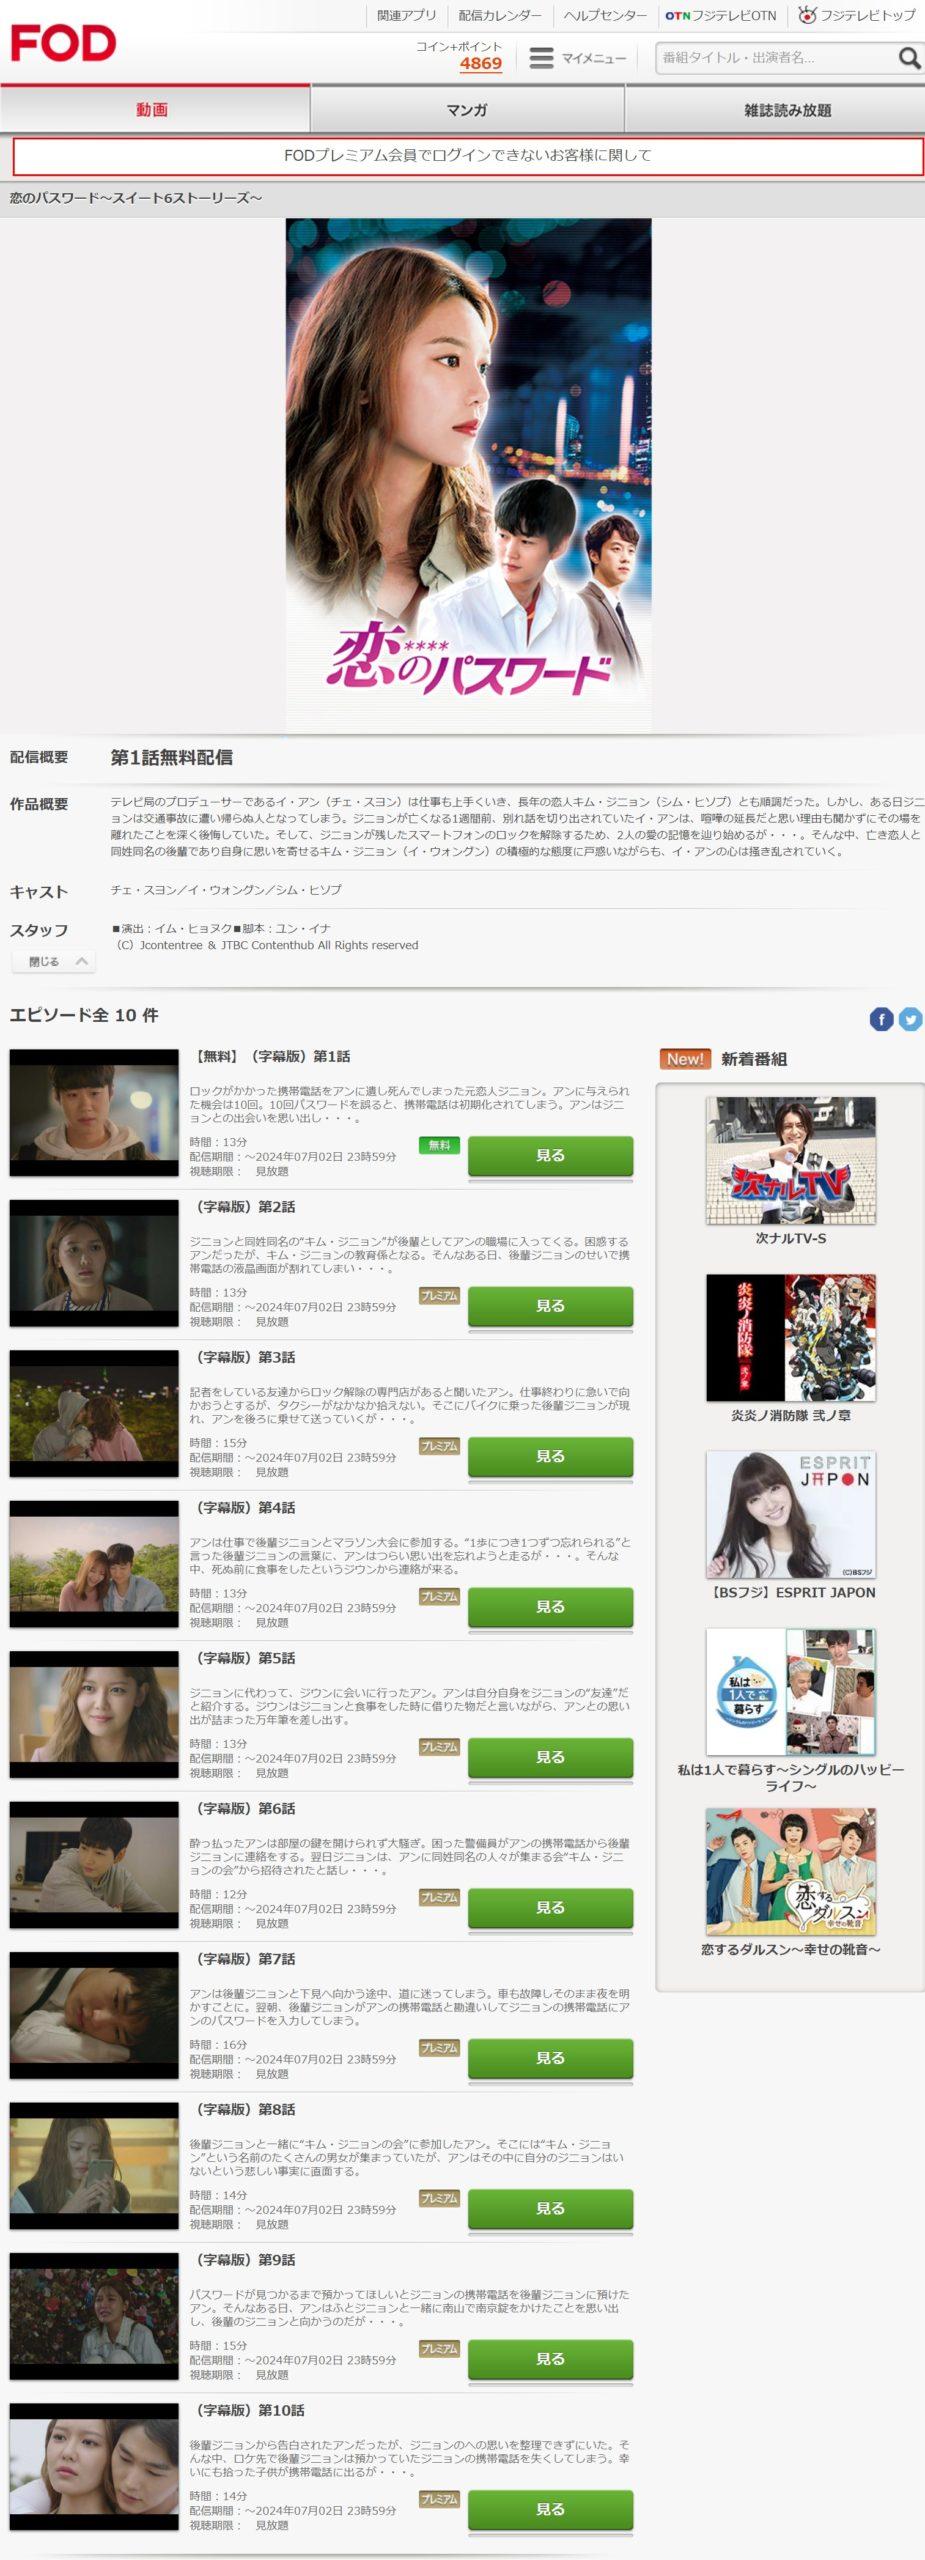 恋のパスワード(韓国ドラマ)の動画無料視聴方法FOD